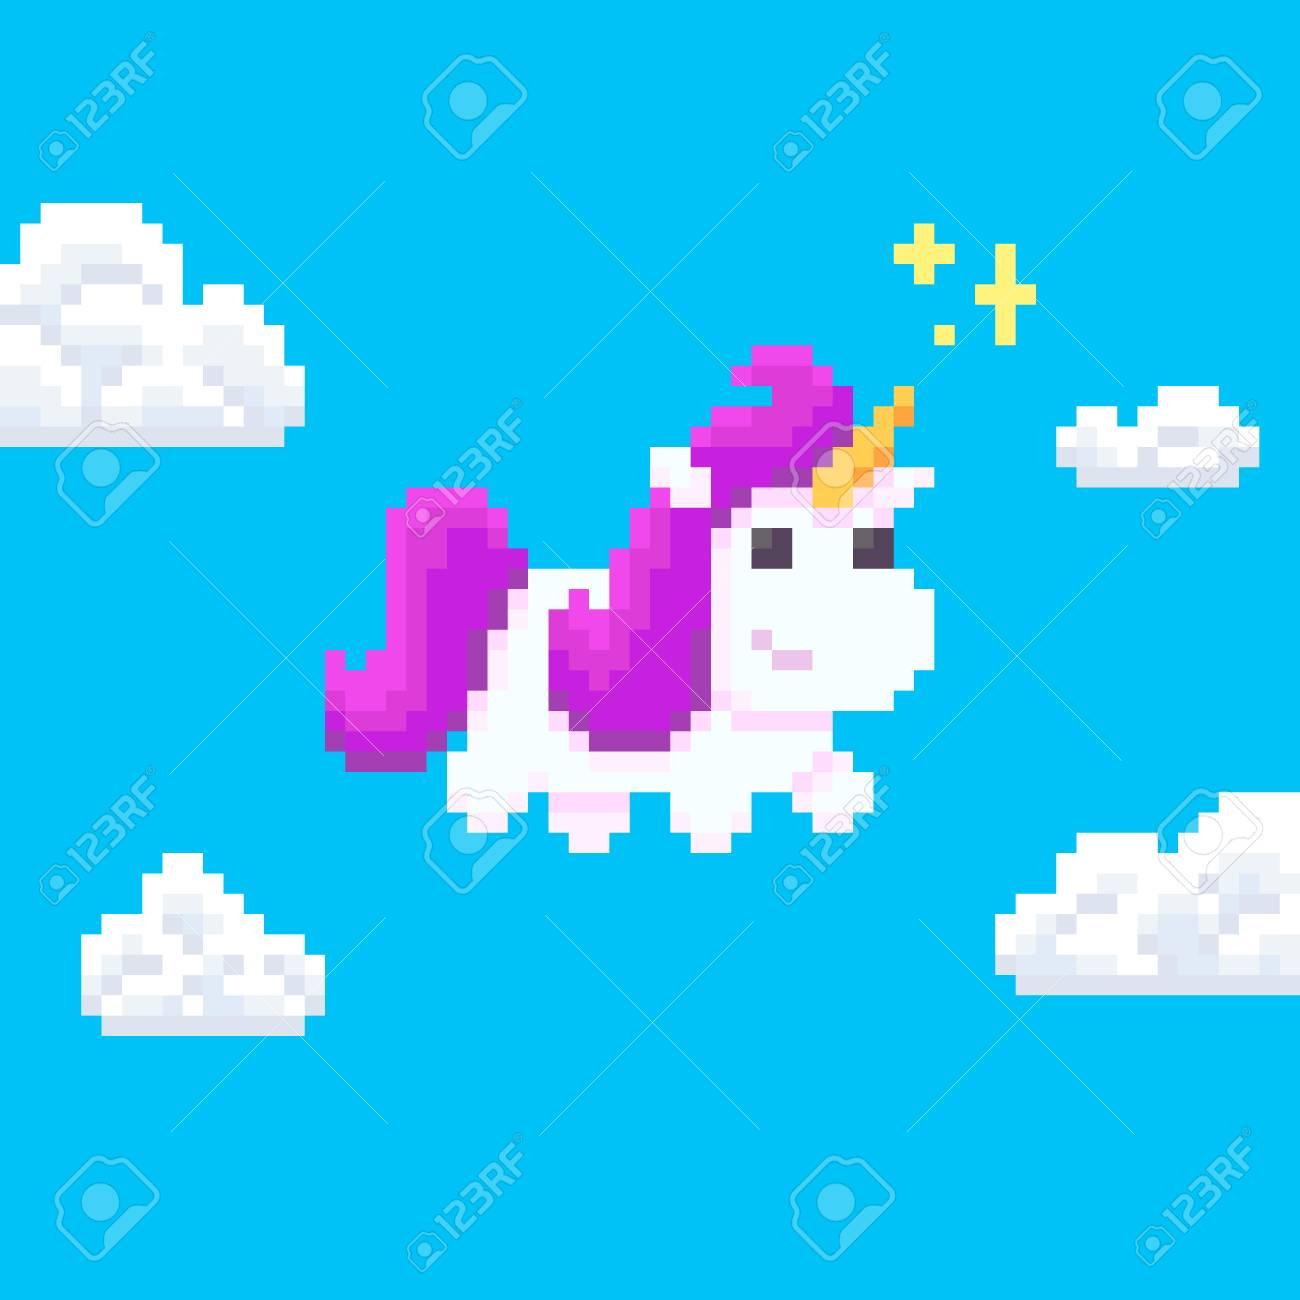 Pixel Art Licorne Avec Des étincelles Magiques Volant Dans Le Ciel Avec Des Nuages